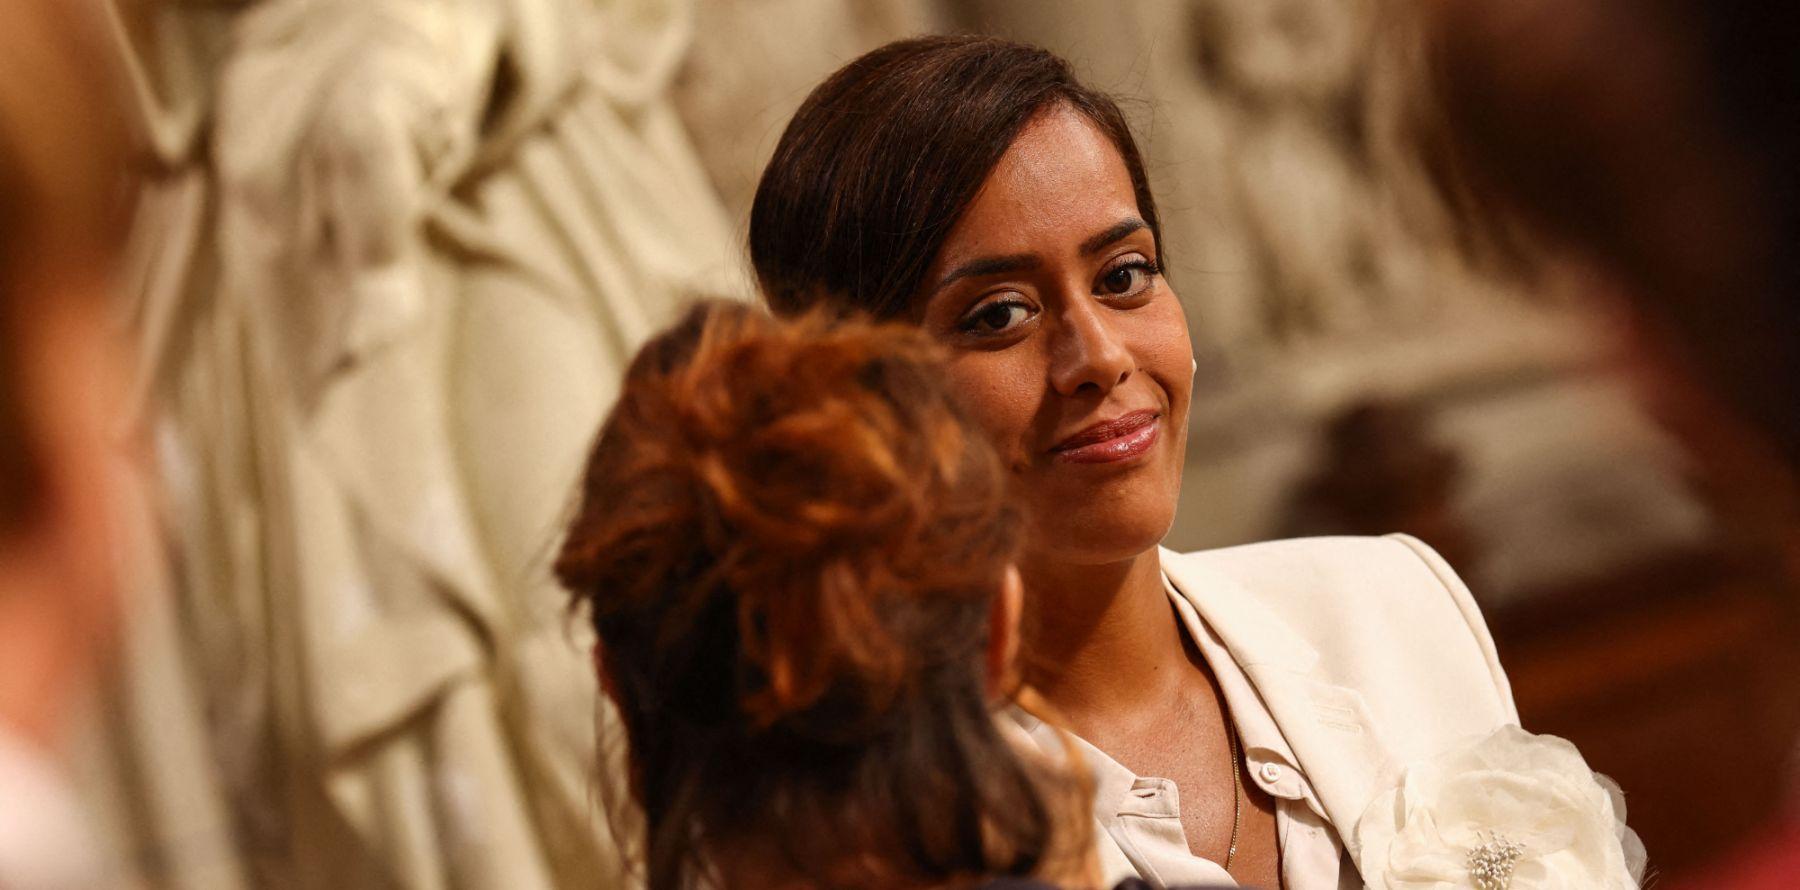 Amel Bent comédienne : vive émotion sur le tournage, elle n'a pas pu retenir ses larmes